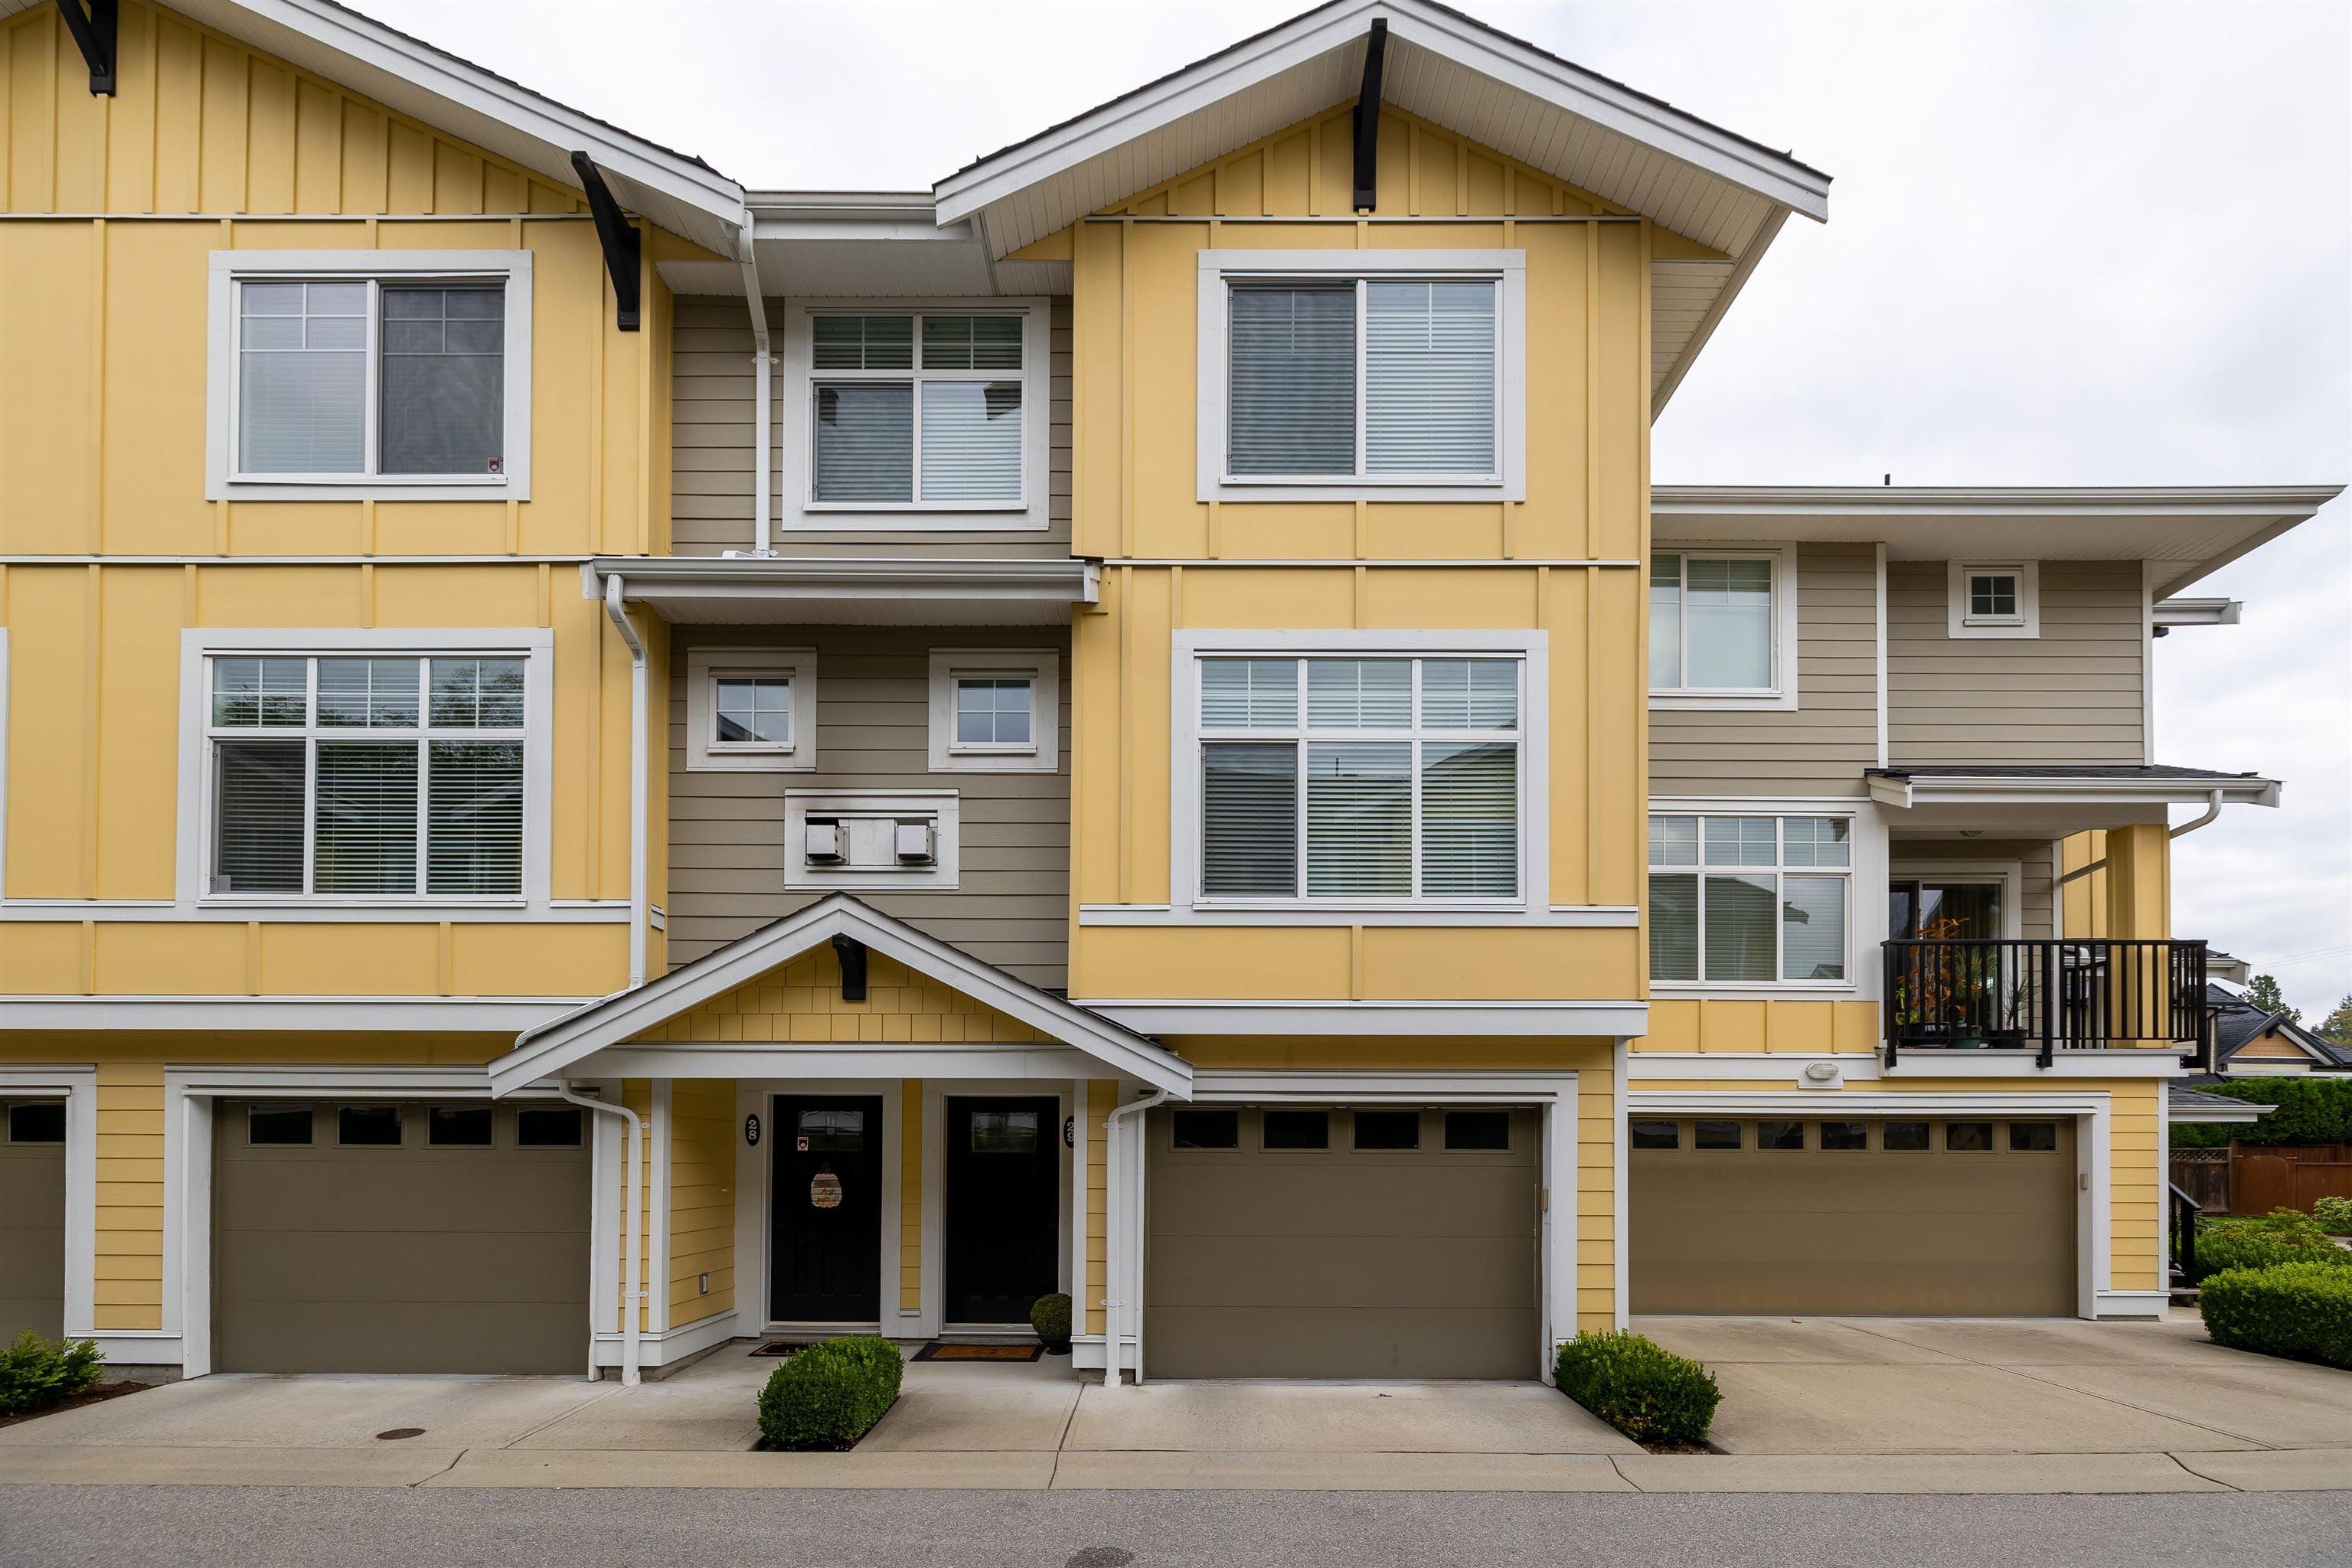 29 17171 2B AVENUE - Pacific Douglas Townhouse for sale, 3 Bedrooms (R2625037) - #1